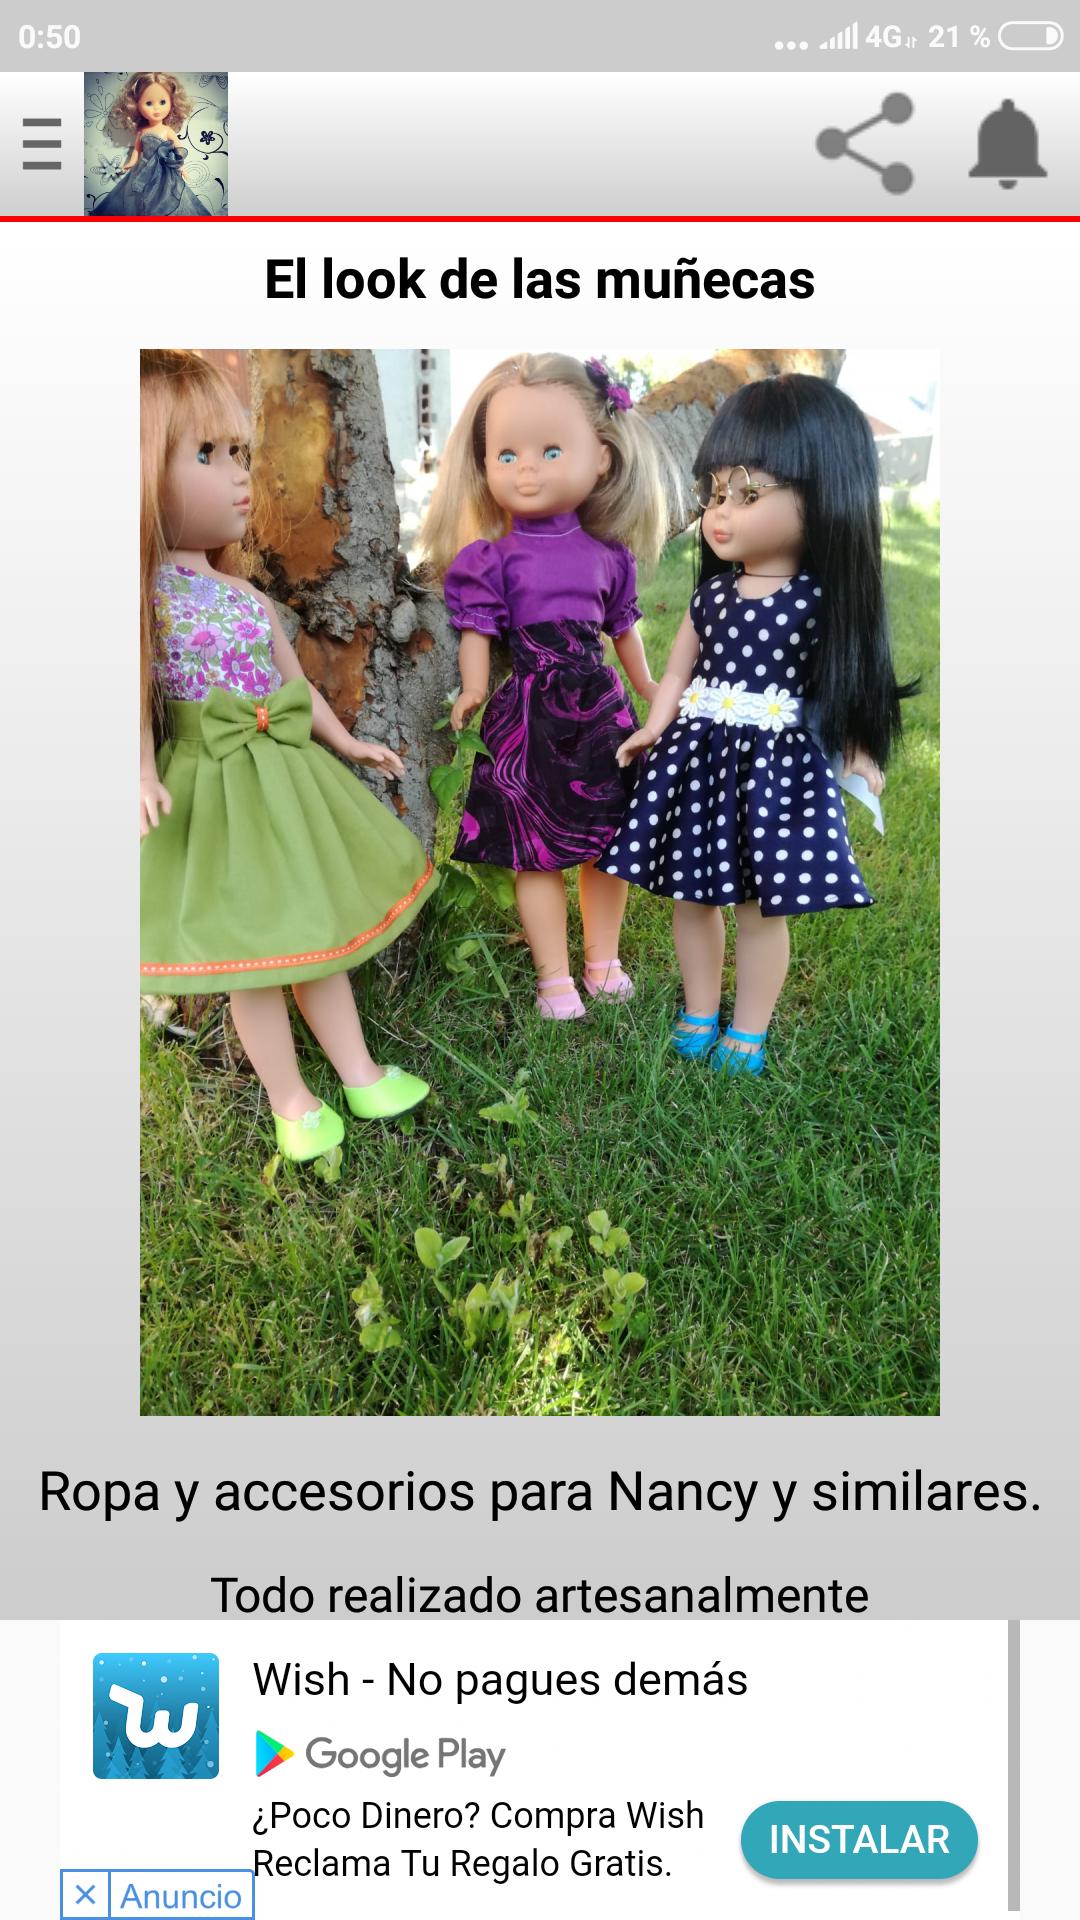 Amazon.com: El look de las muñecas: Appstore for Android